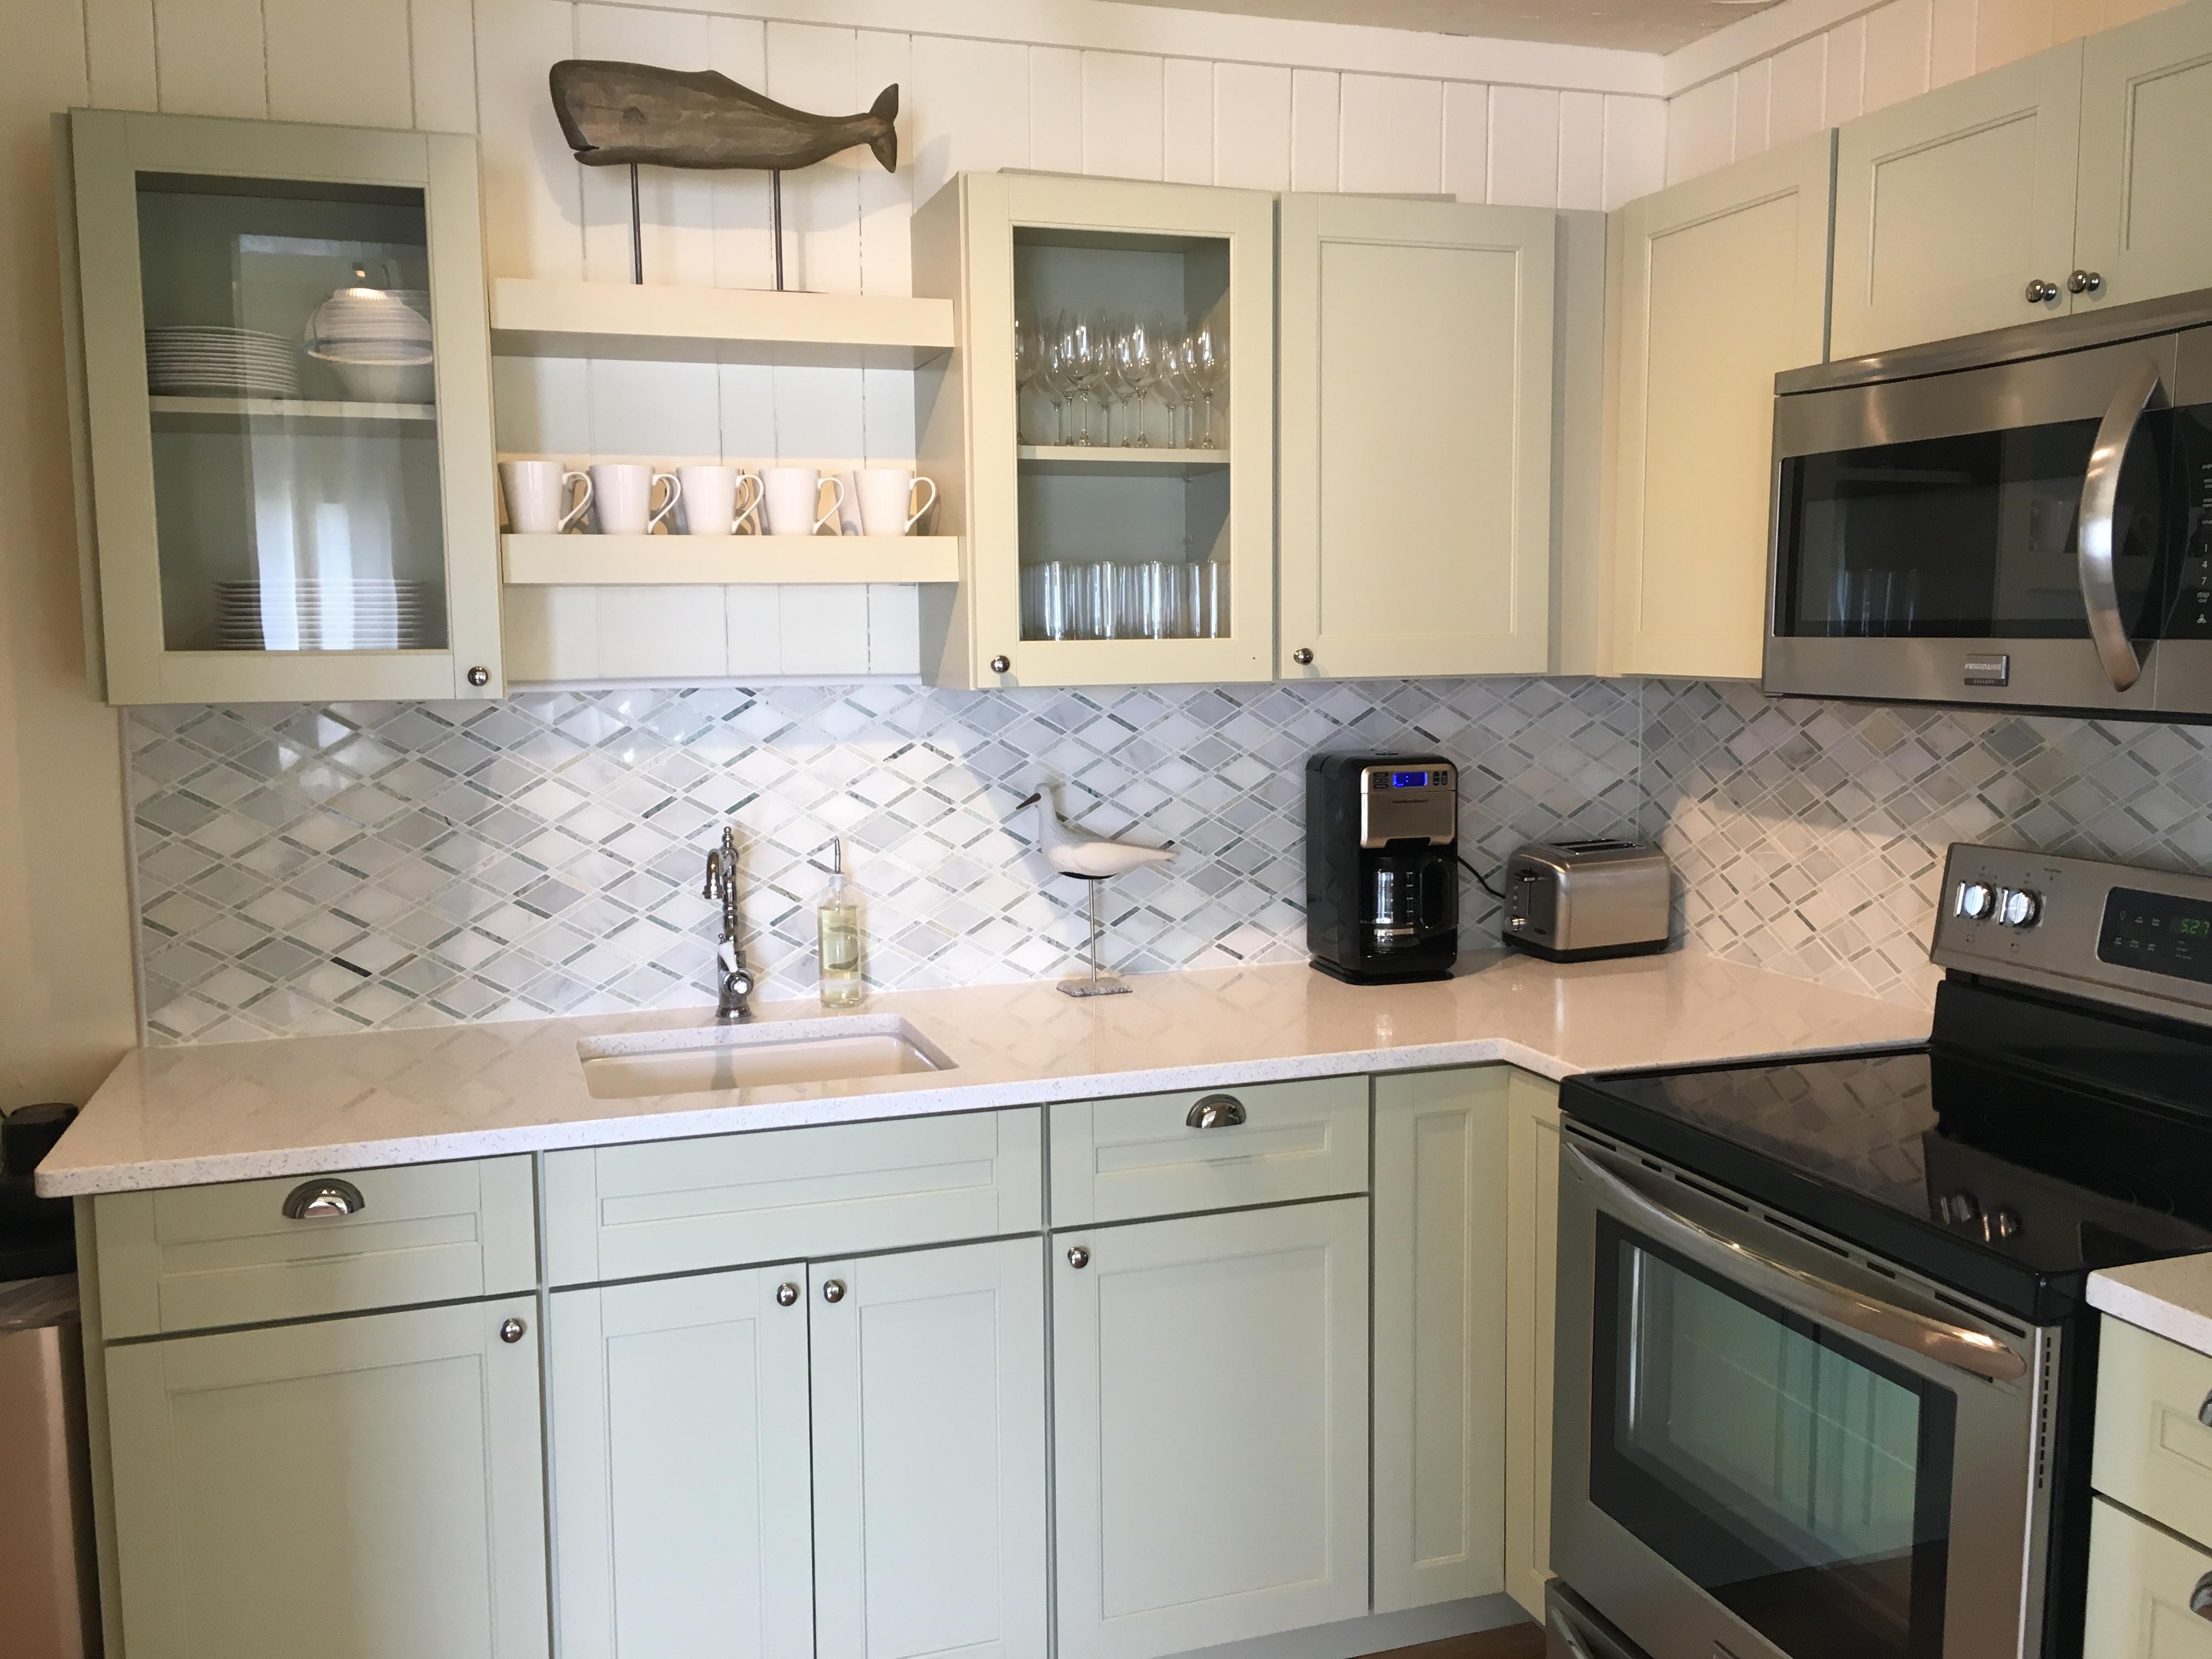 Seagull Kitchen